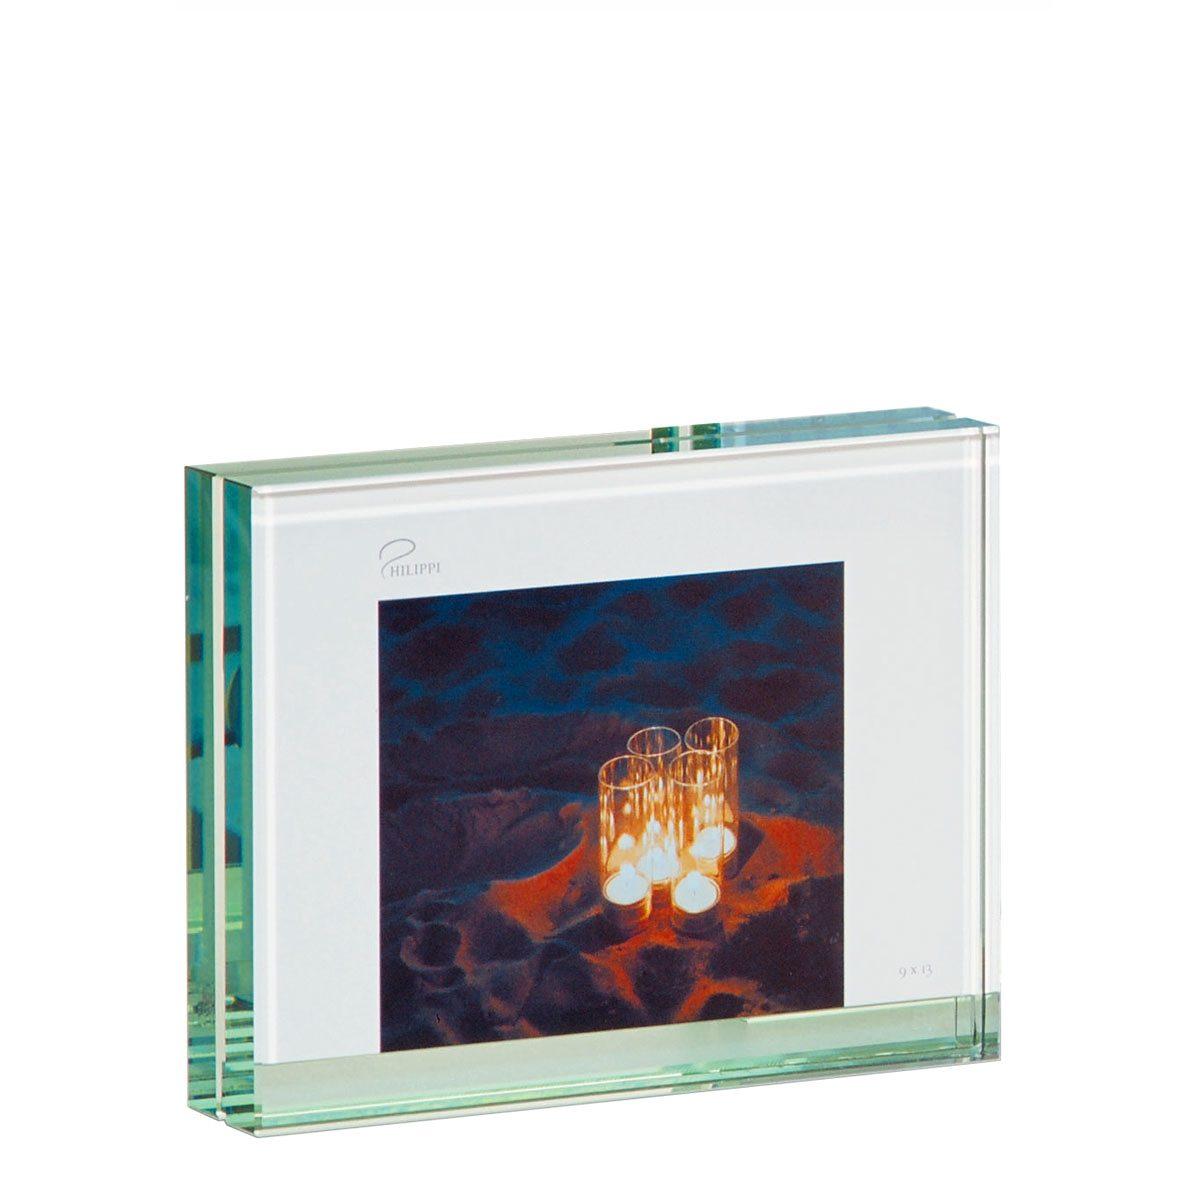 Philippi Philippi Bilderrahmen VISION quer 10x15 cm